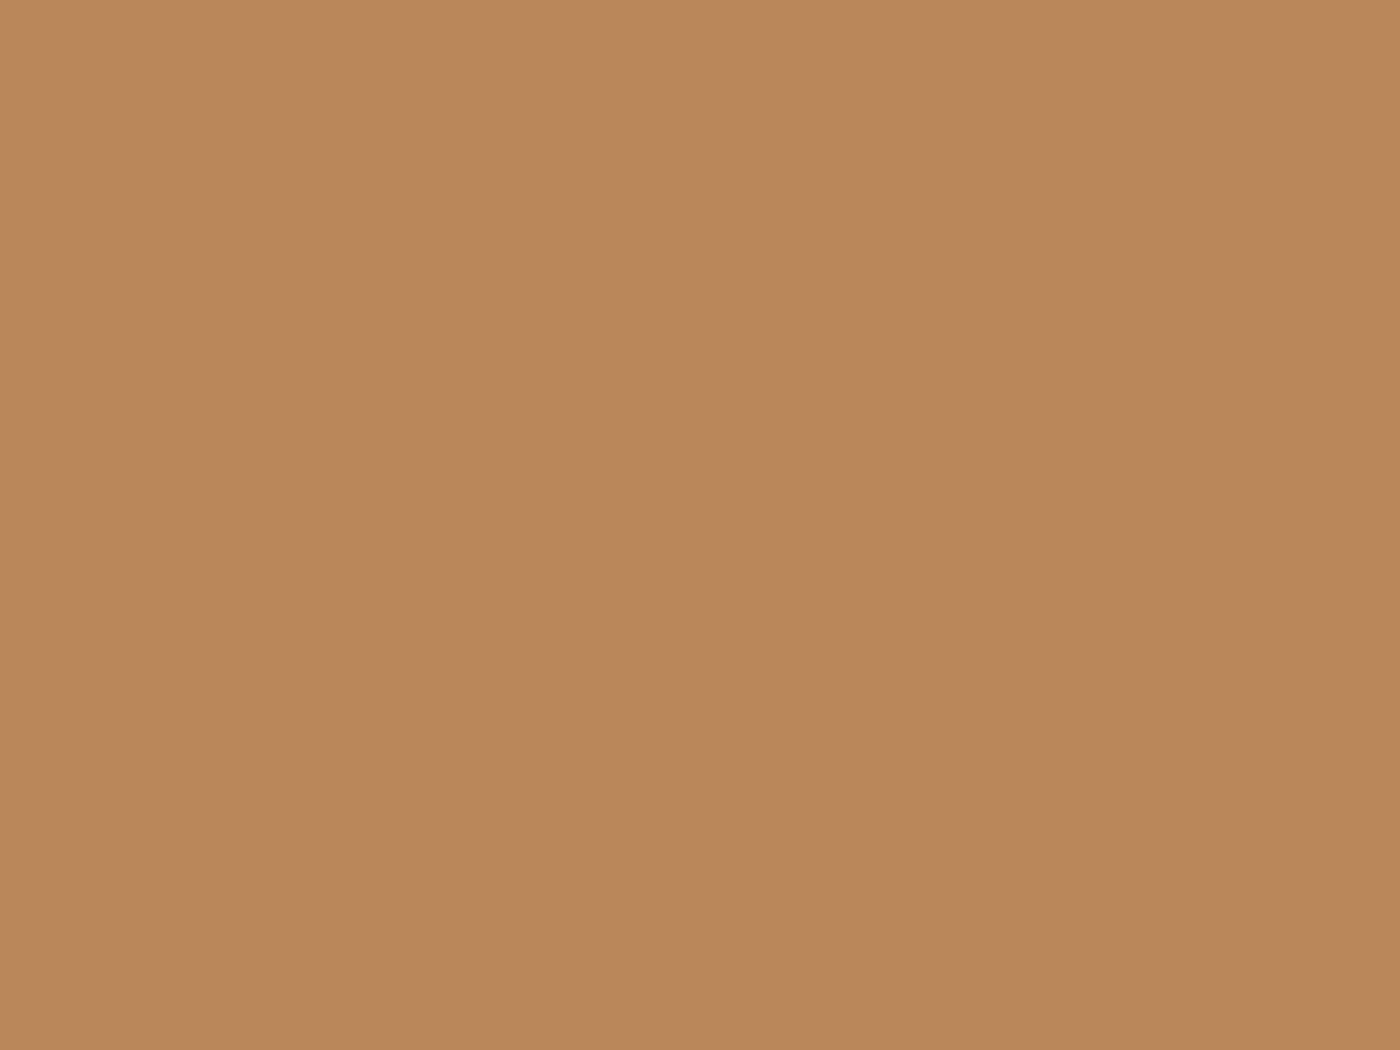 1400x1050 Deer Solid Color Background